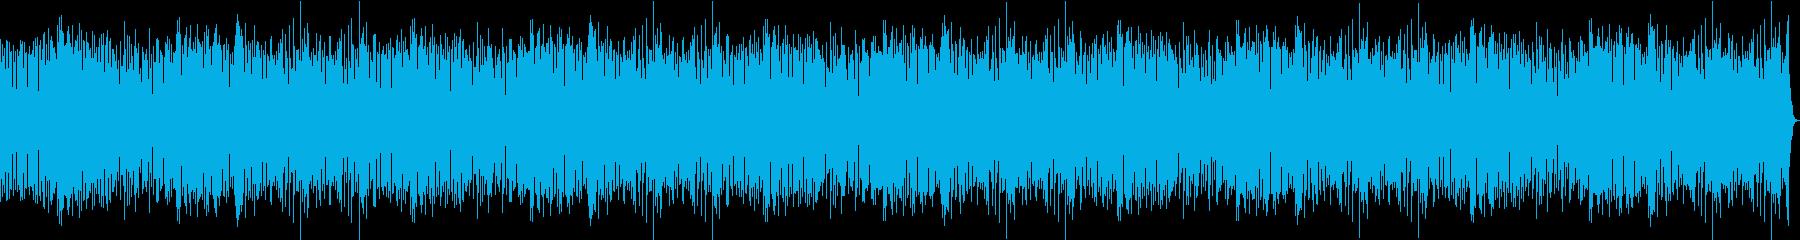 線路は続くよどこまでも 動画BGMの再生済みの波形